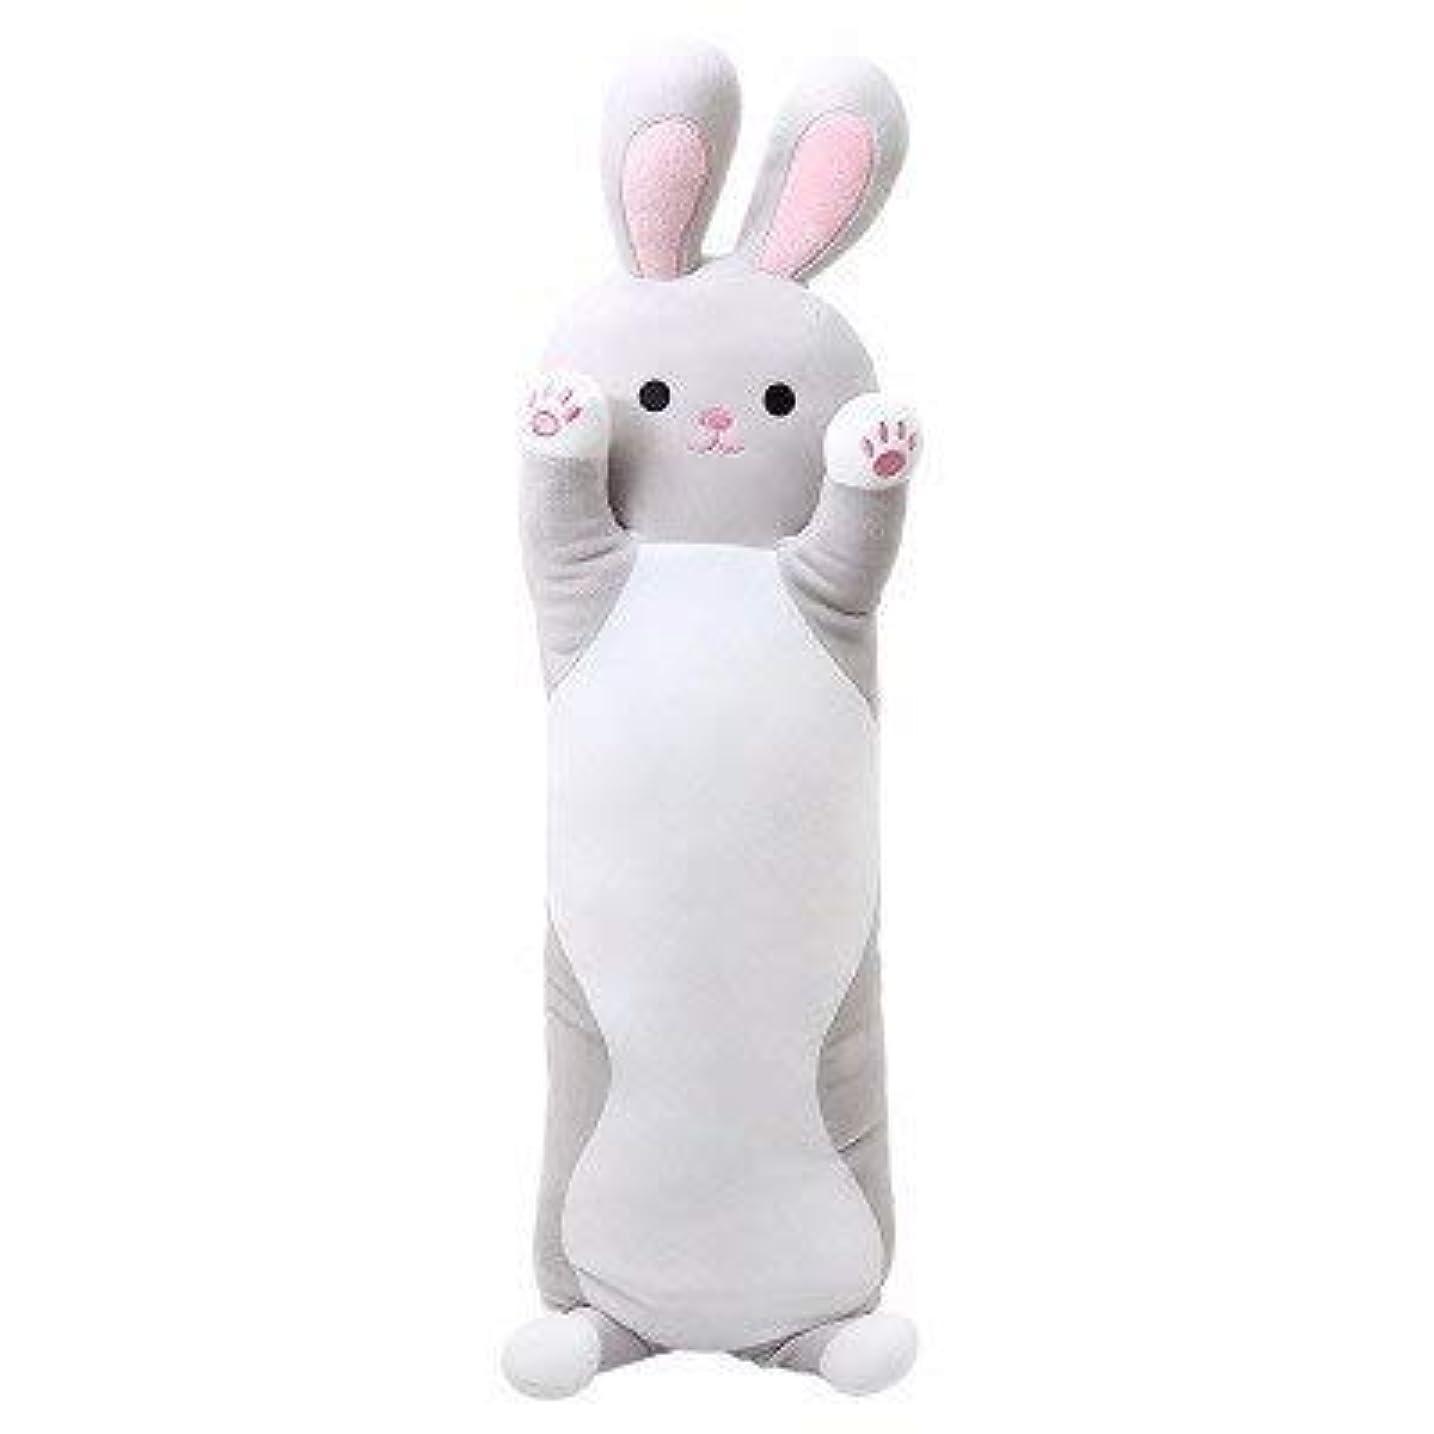 コウモリラフト書くLIFE センチメートルウサギのぬいぐるみロング睡眠枕を送信するために女の子 Almofada クッション床 Coussin Cojines 装飾 Overwatch クッション 椅子